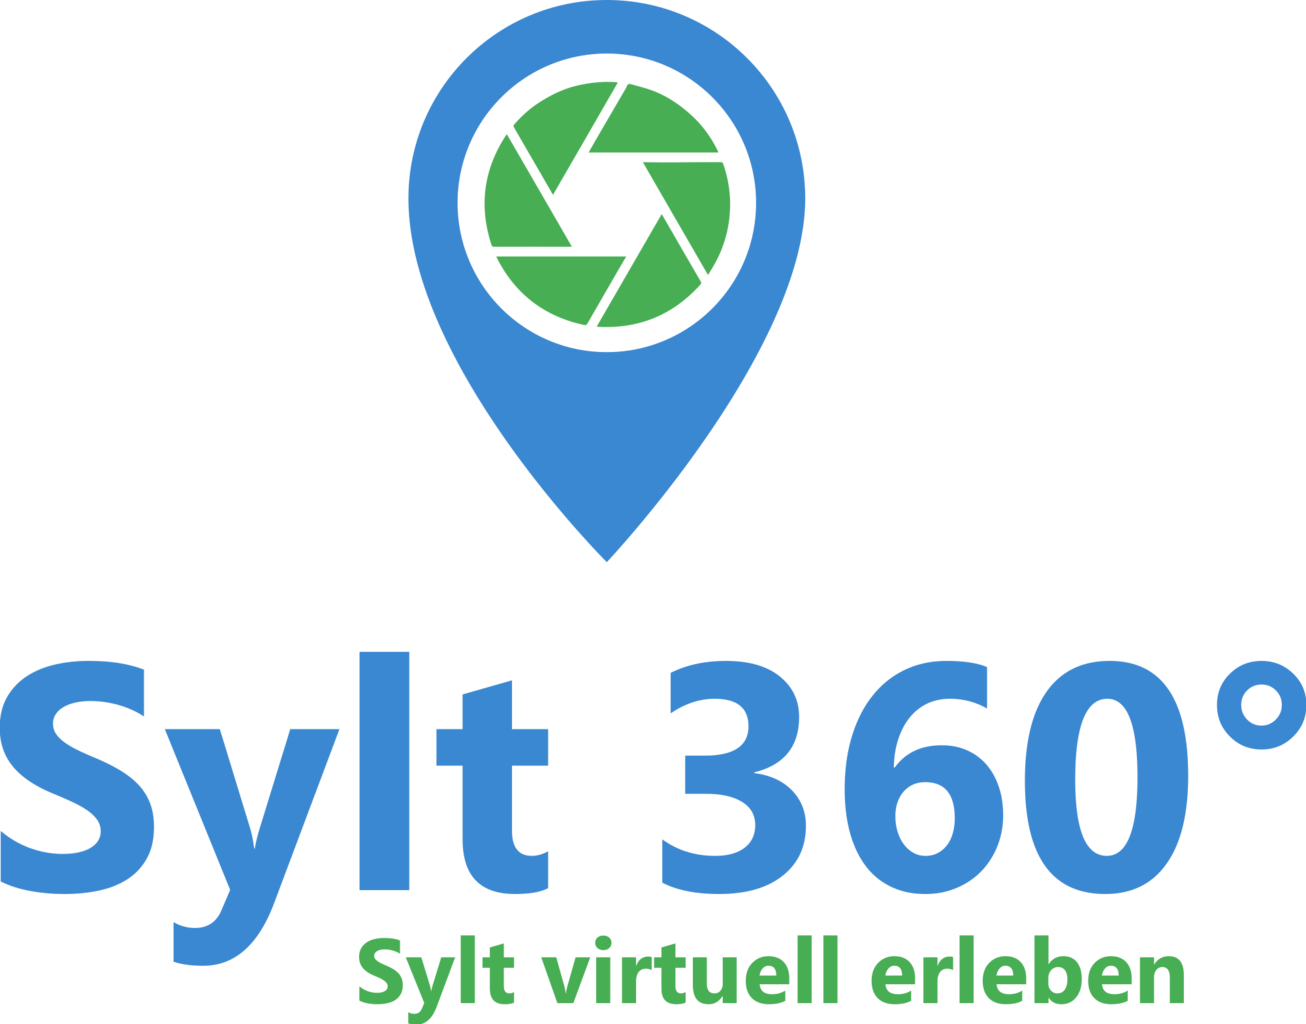 Besuchen Sie Sylt virtuell